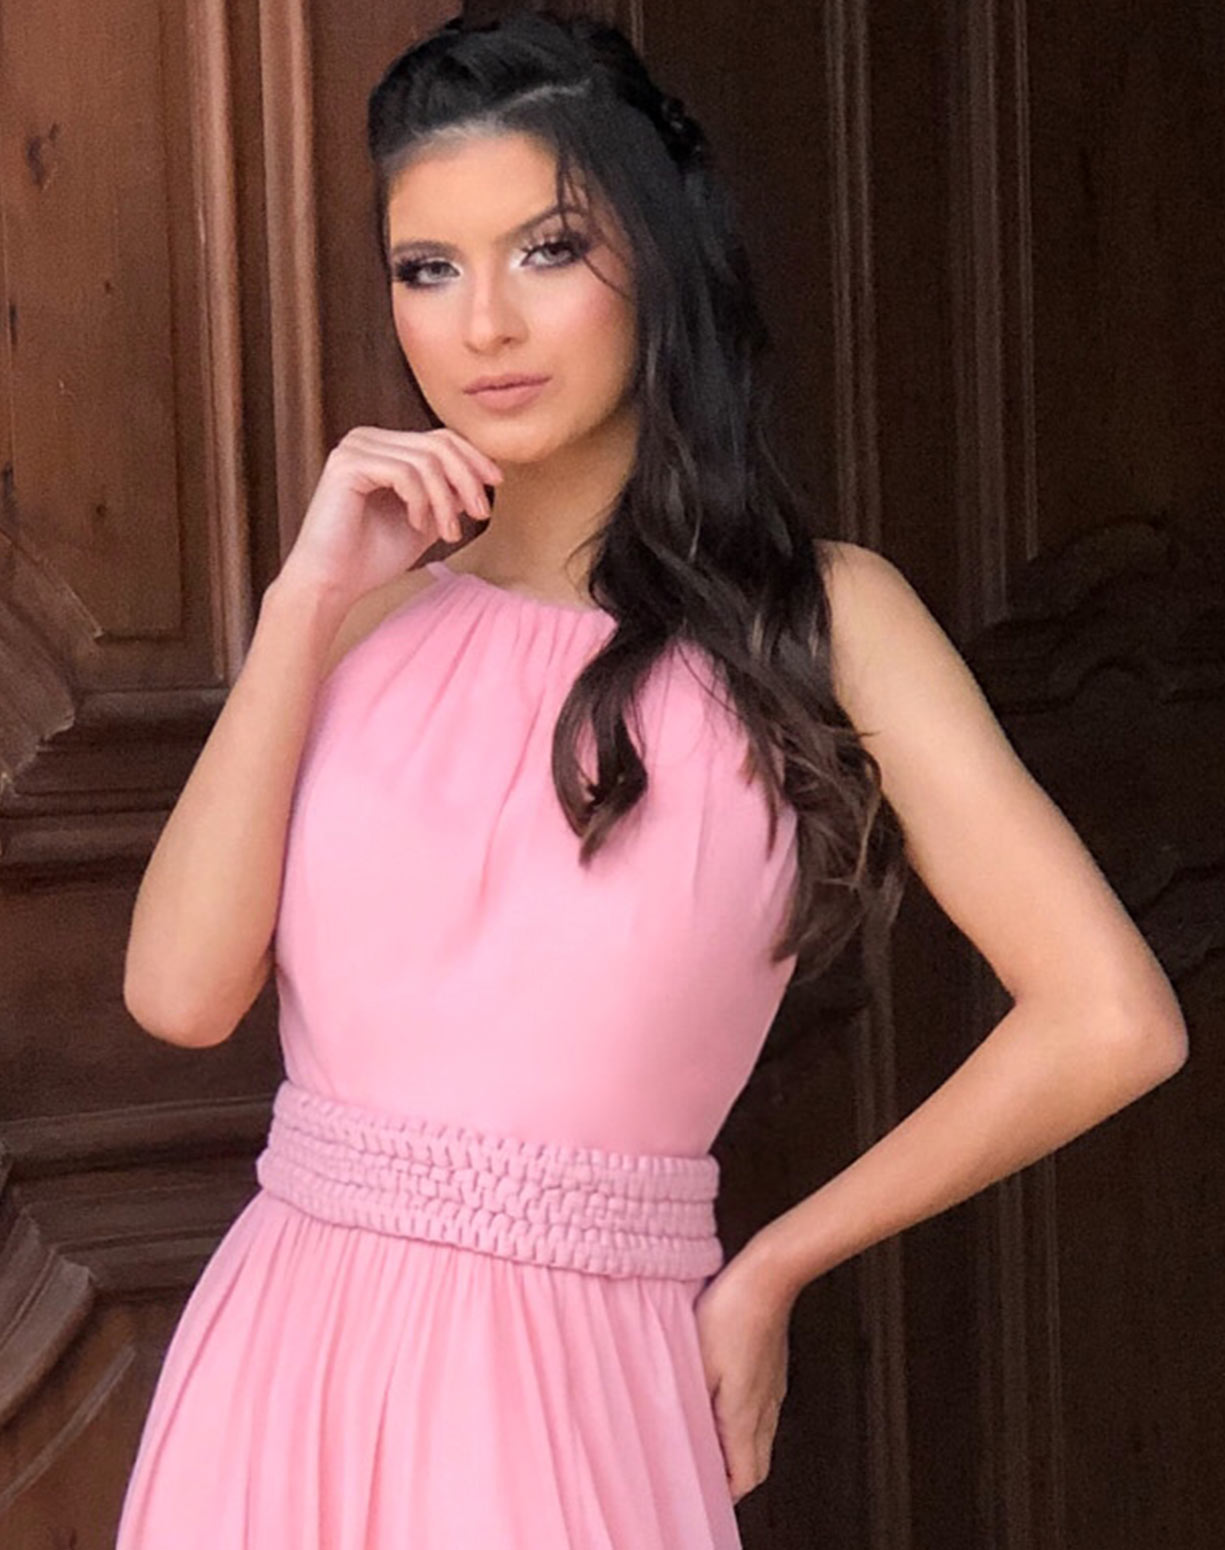 Vestido Rosê em Tule com Fenda e Cinto em Macramê